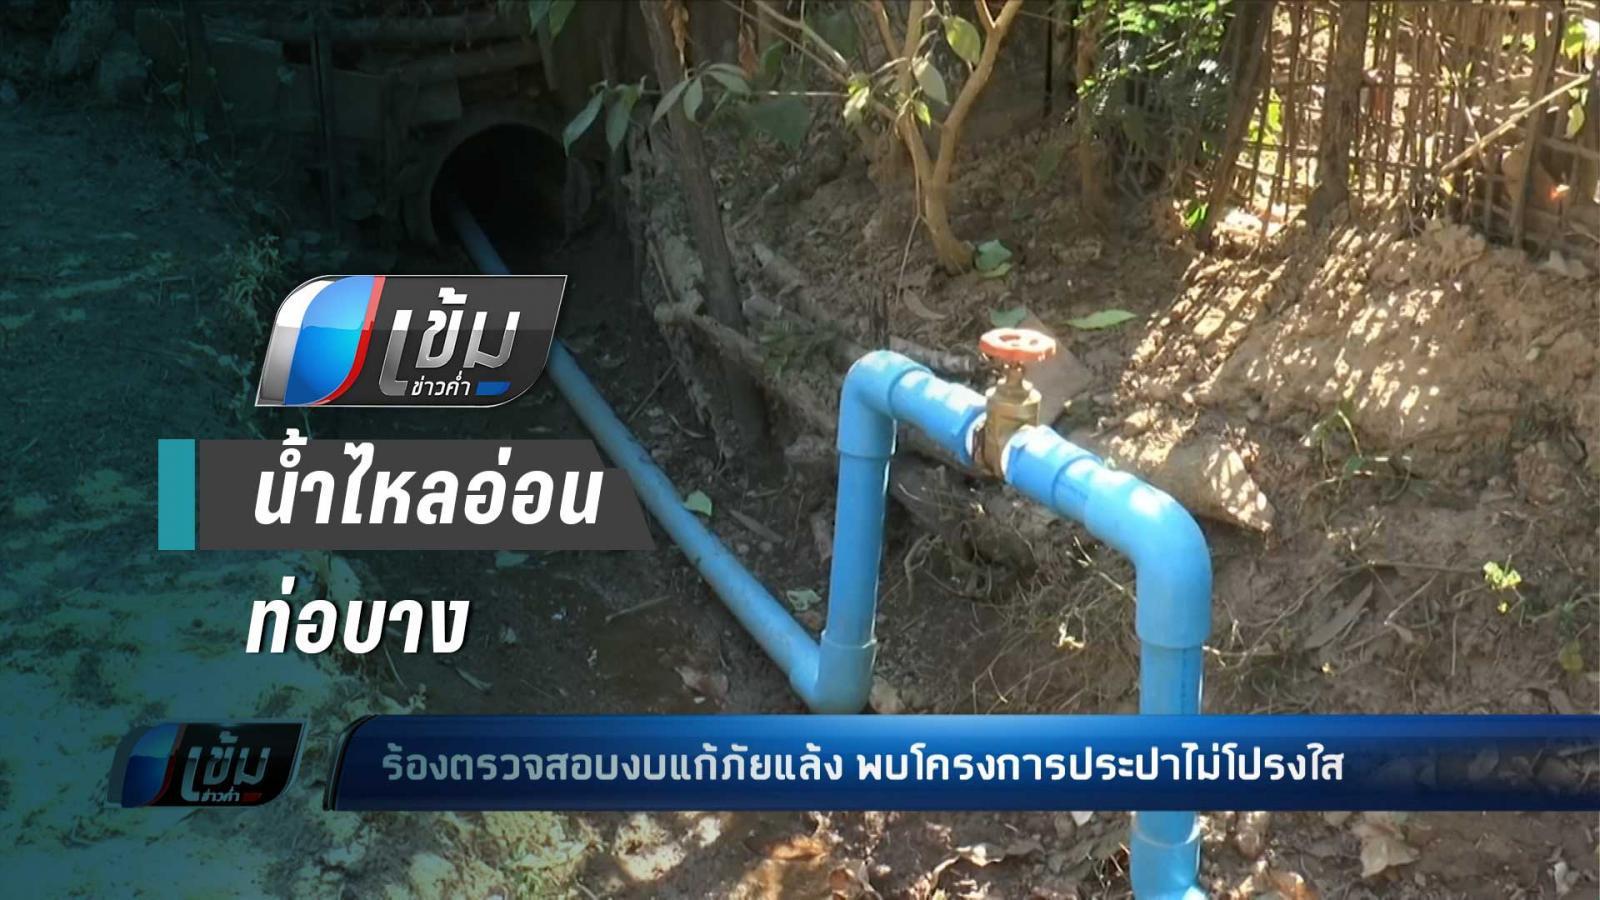 ร้องตรวจสอบงบฯแก้ภัยแล้งนครพนม พบโครงการไม่โปรงใส น้ำไหลอ่อน-ท่อบางกว่าเดิม